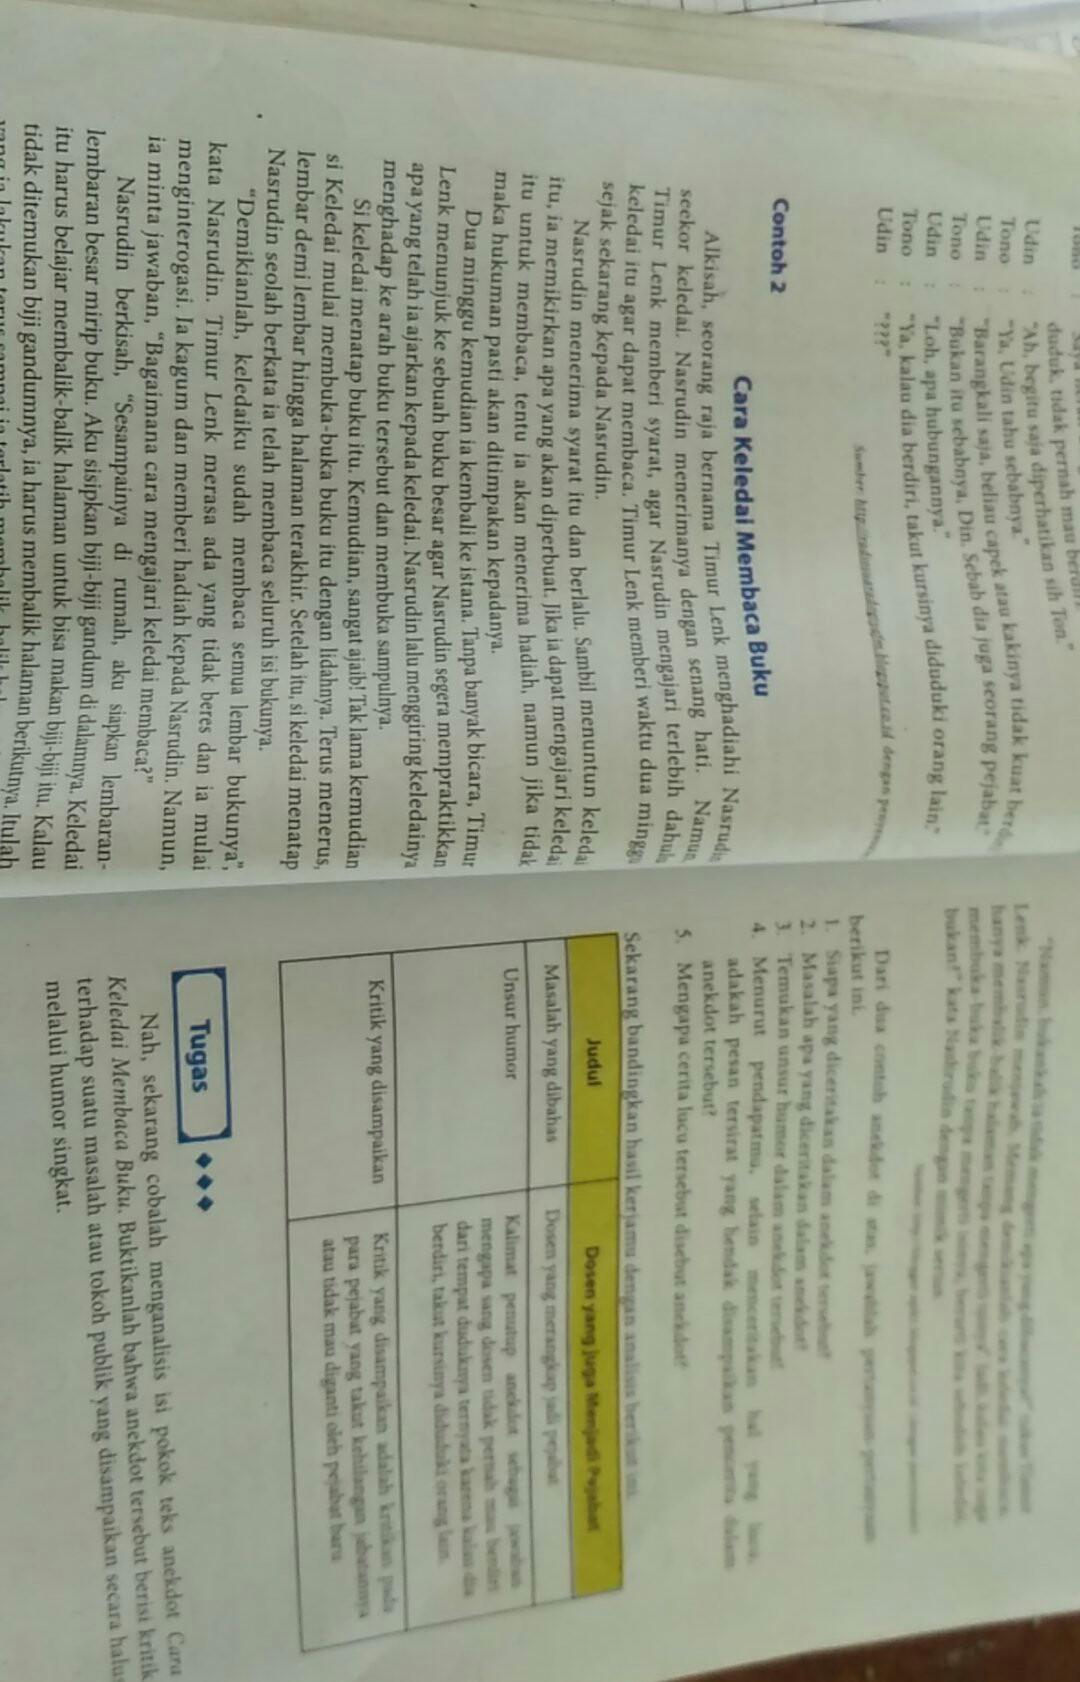 Struktur Teks Anekdot Cara Keledai Membaca Buku : struktur, anekdot, keledai, membaca, Contoh, Cerita, Anekdot, Keledai, Membaca